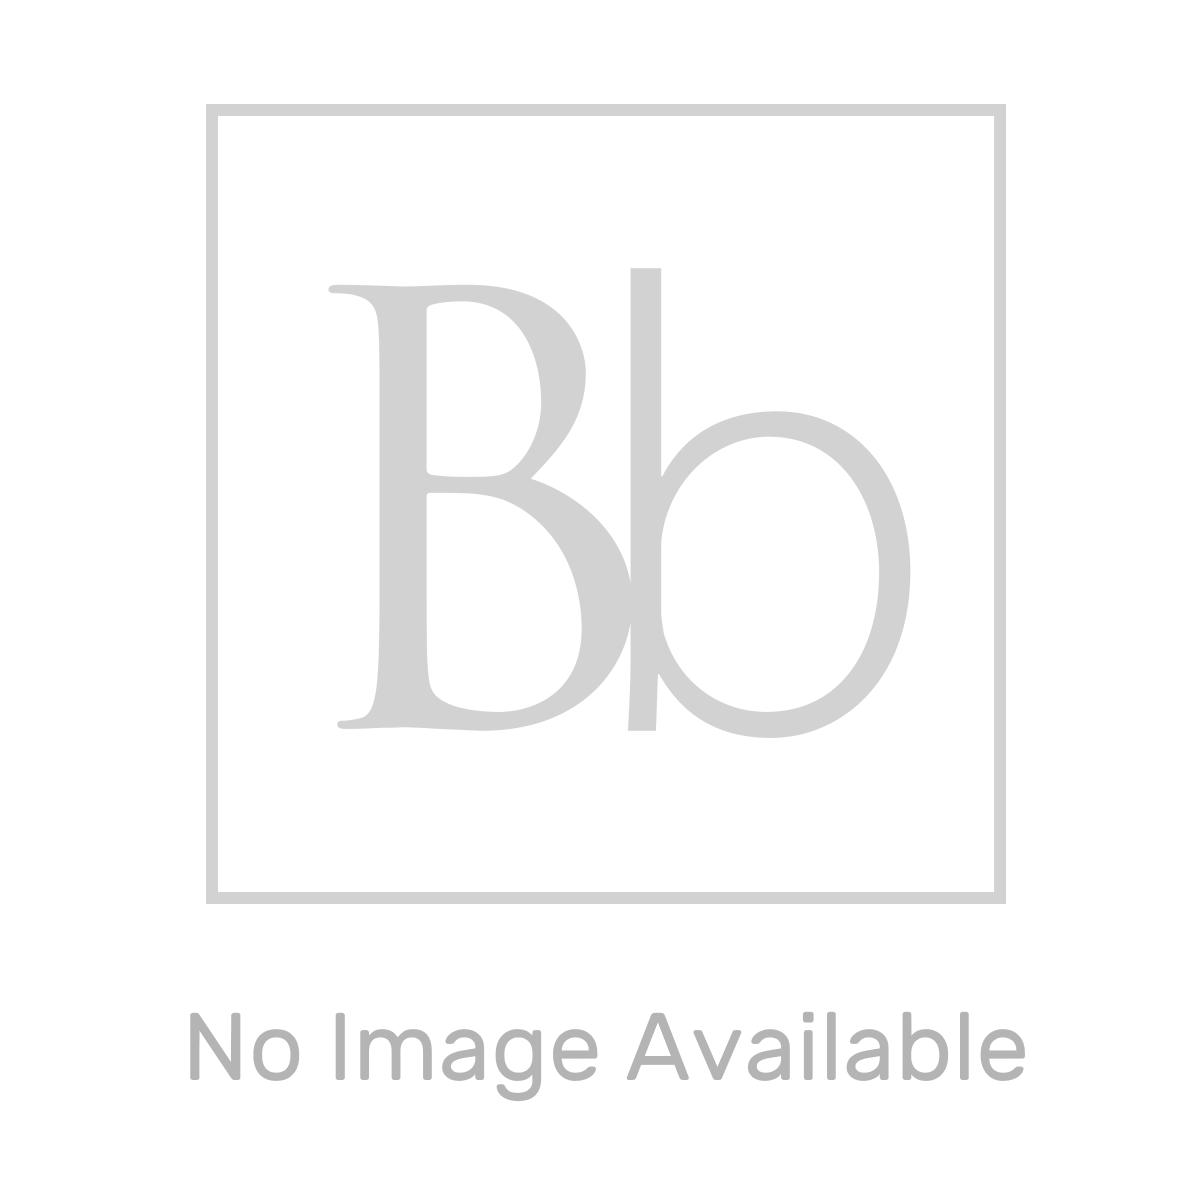 Nuie Athena Driftwood 2 Door Floor Standing Vanity Unit with 40mm Profile Basin 500mm